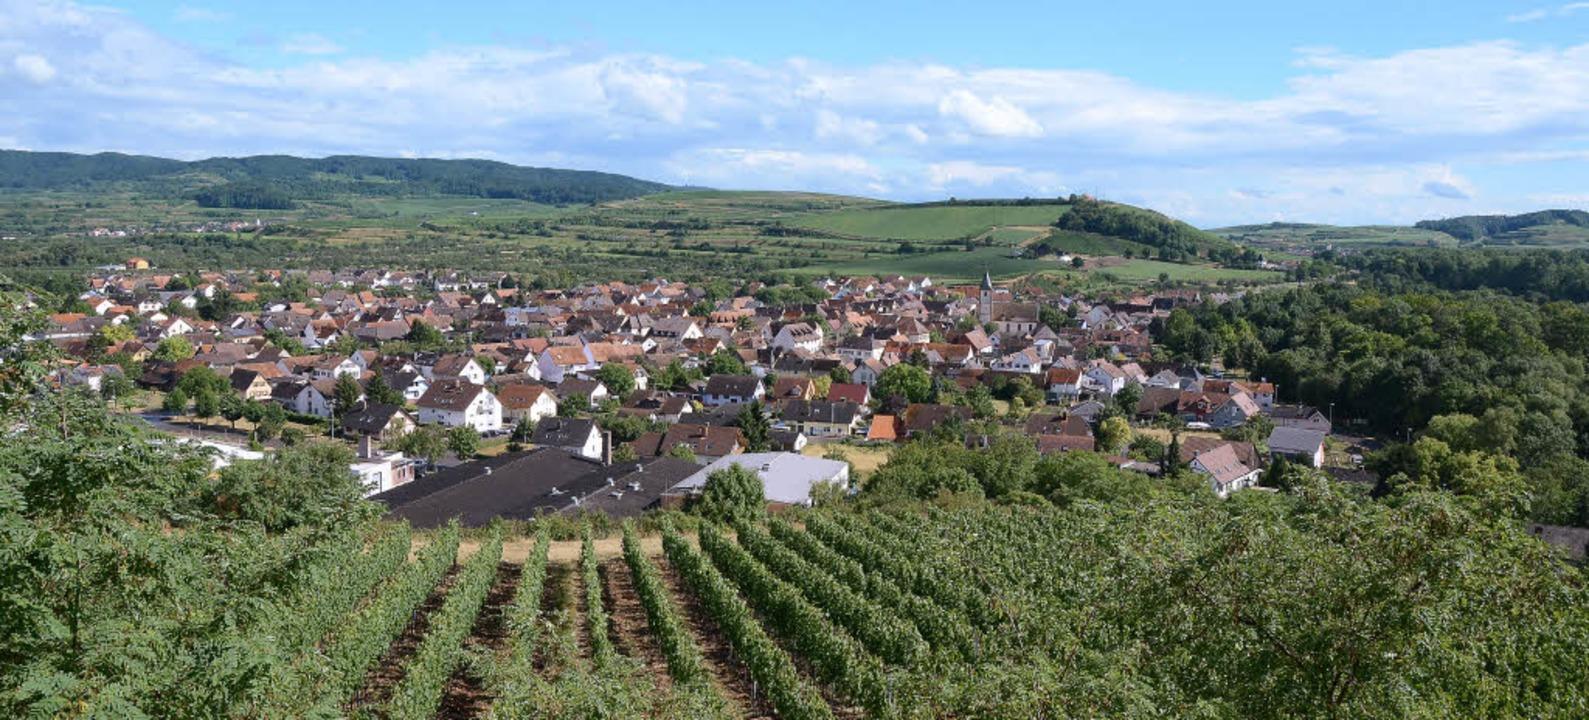 Blick auf Sasbach und seine Ortsteile ... für ein Gemeindeentwicklungskonzept.     Foto: Roland Vitt